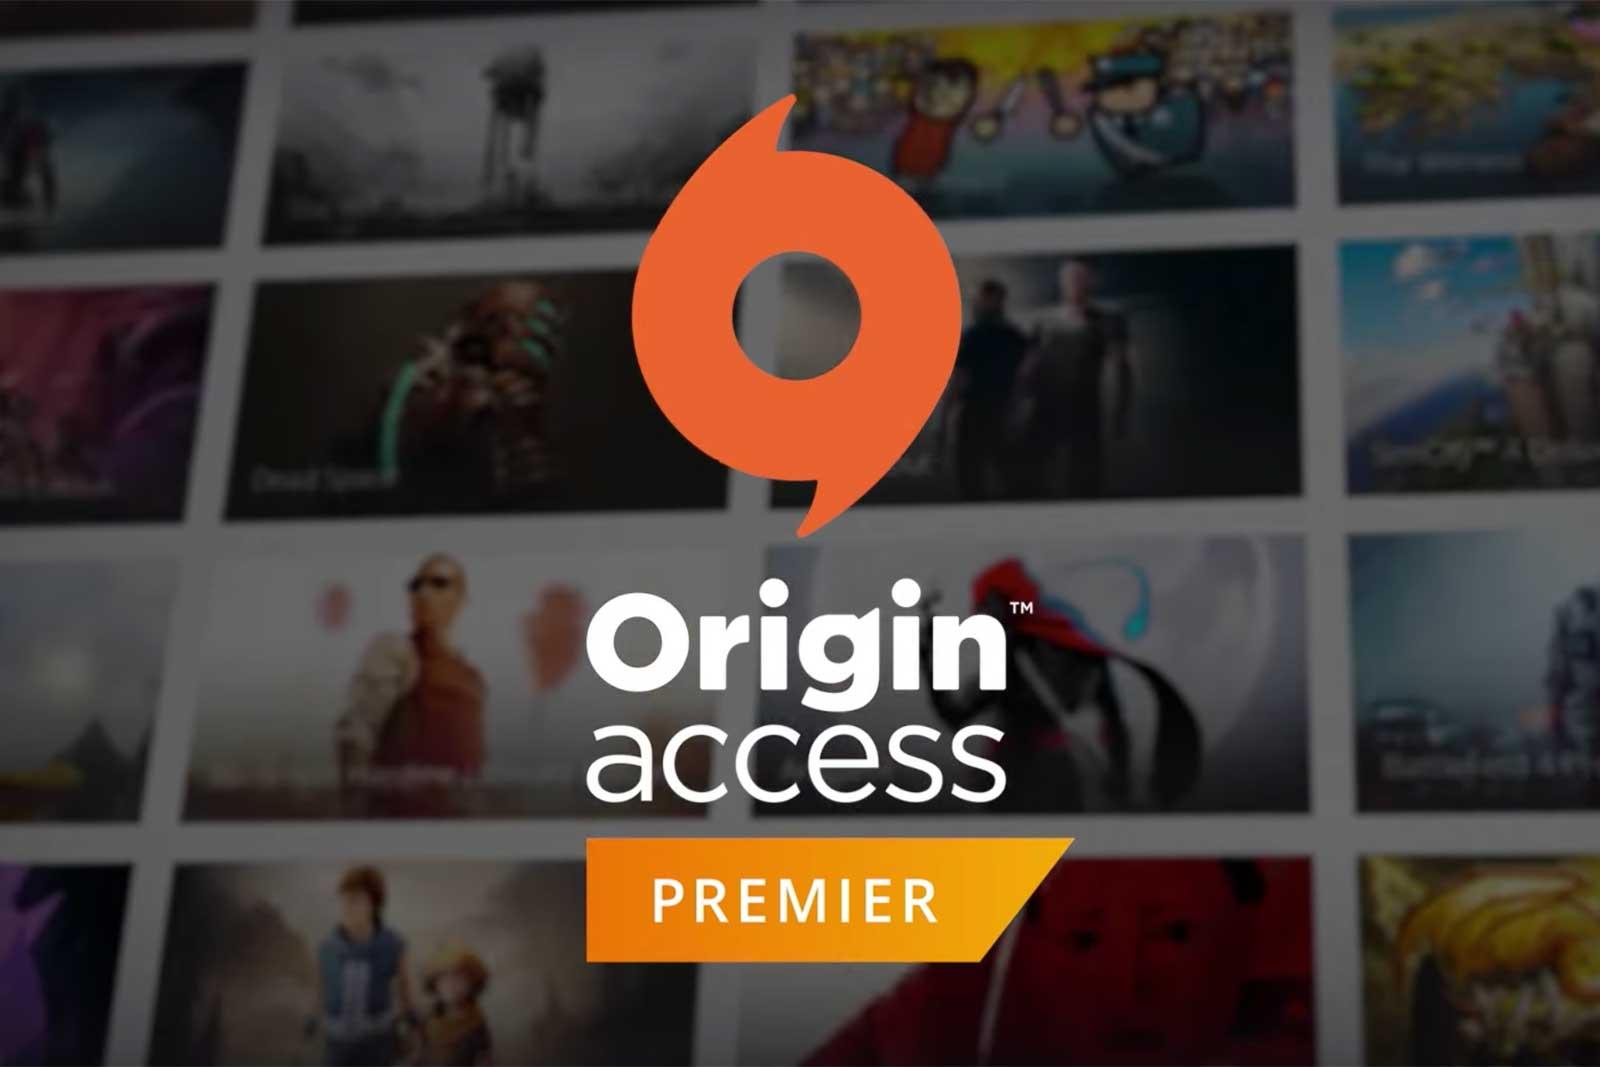 origin access basic vs premier